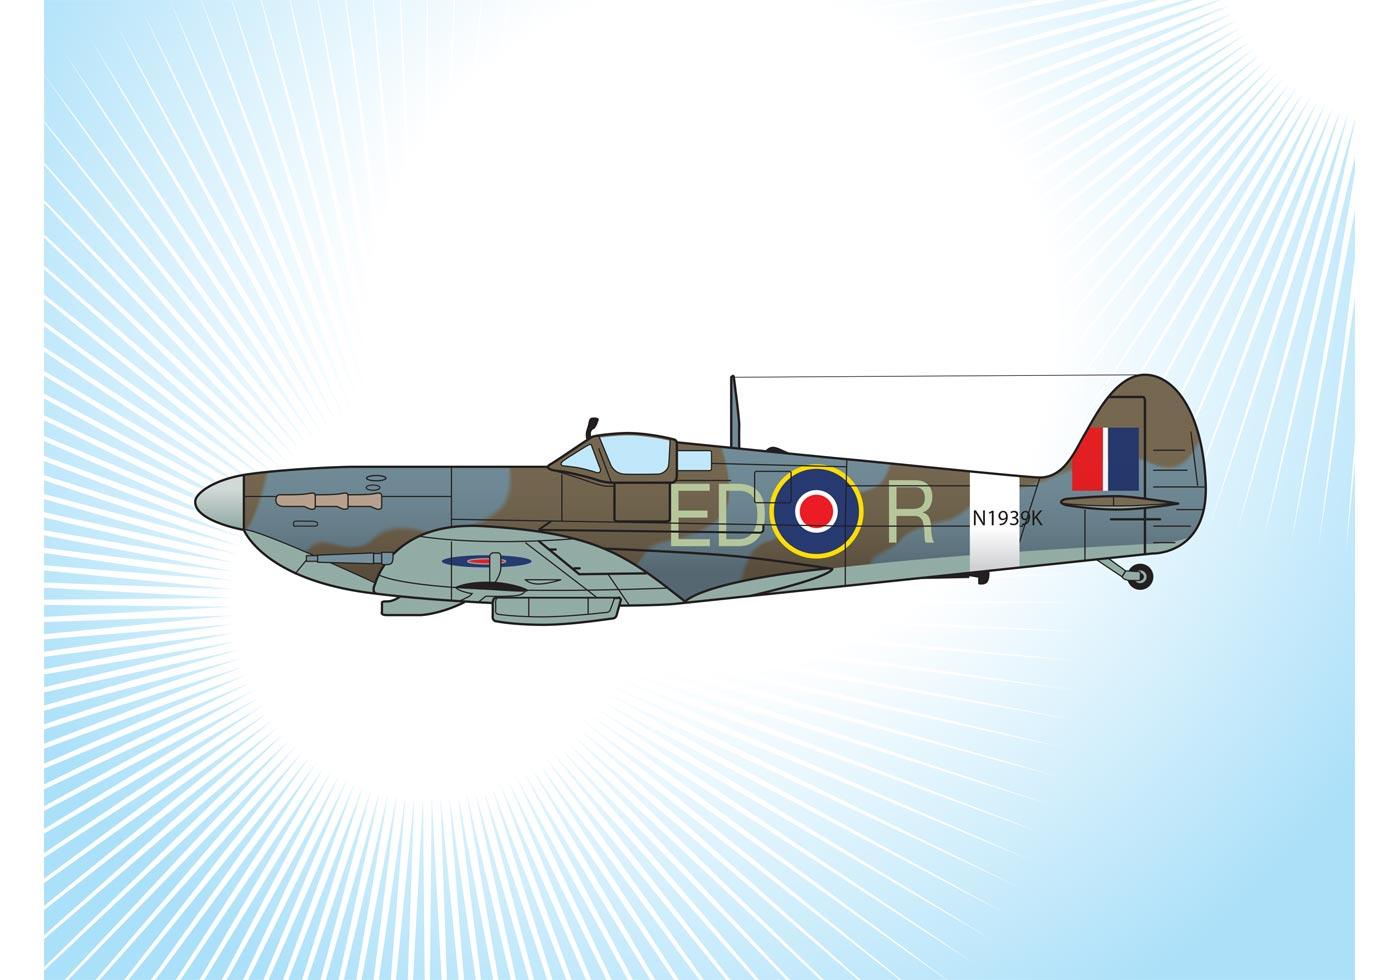 1400x980 Spitfire Free Vector Art